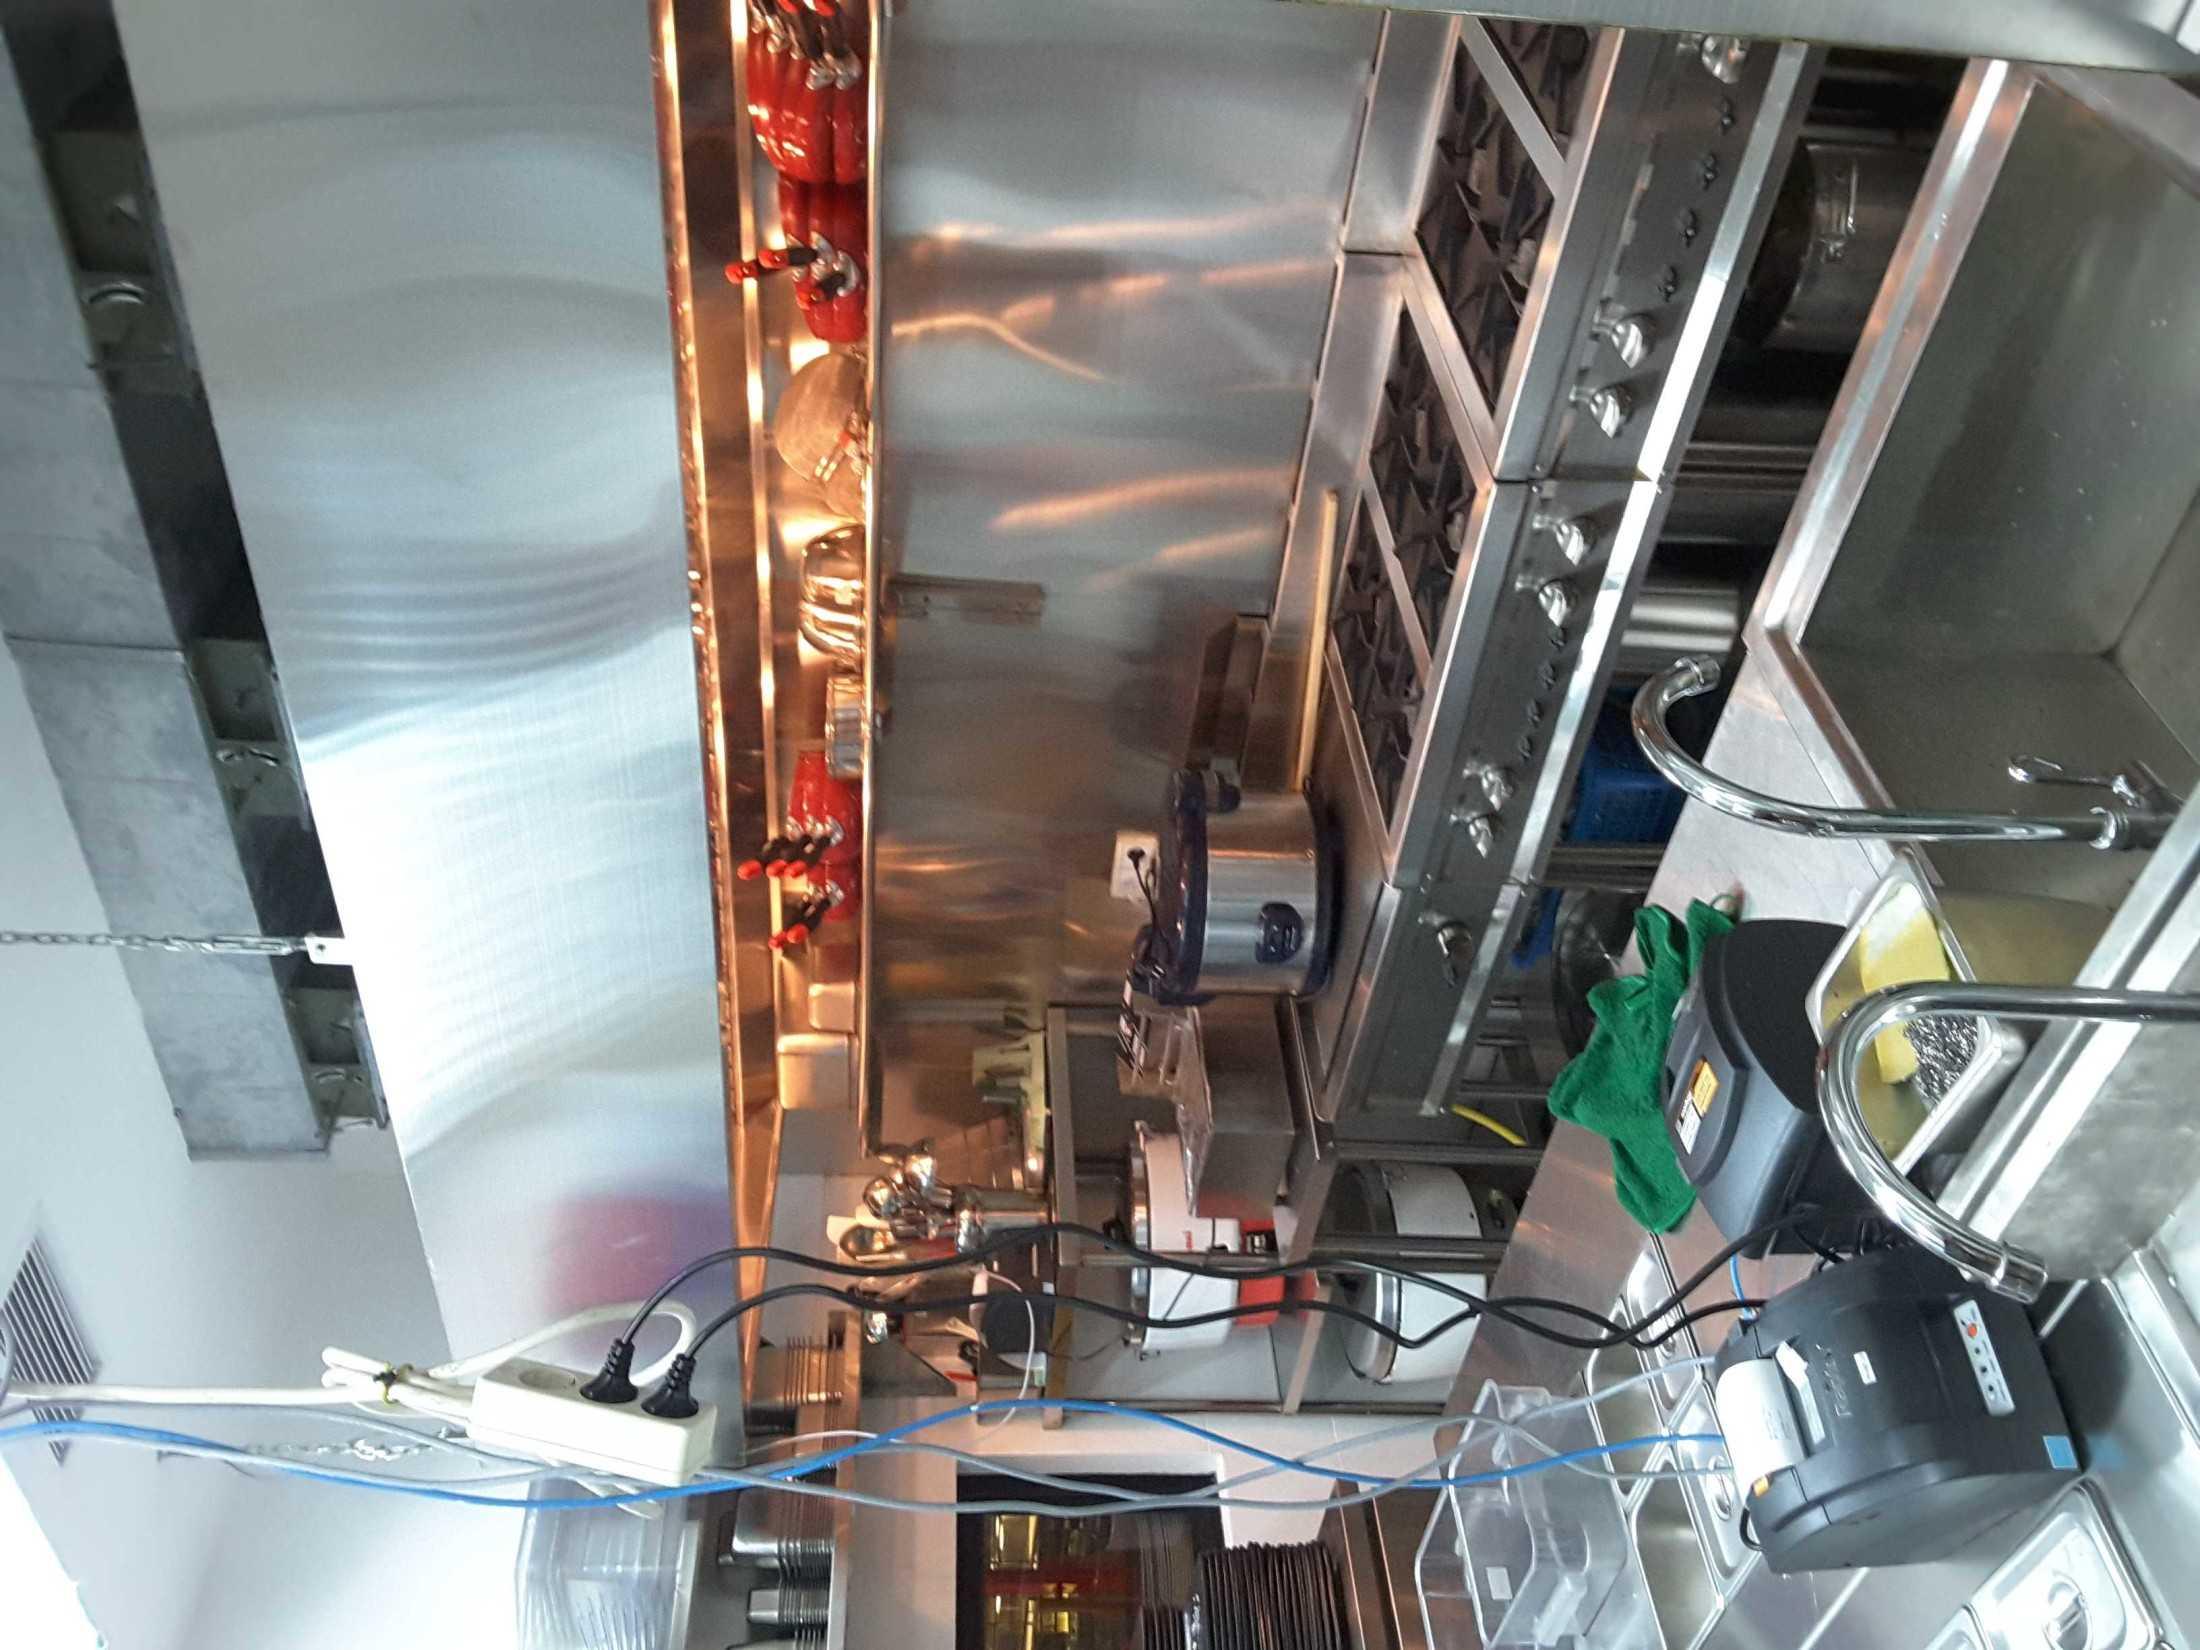 Pt. Primastian Metal Pertama School Food Aeon Jgc Jl. Jkt Garden City, Rt.1/rw.6, Cakung Tim., Kec. Cakung, Kota Jakarta Timur, Daerah Khusus Ibukota Jakarta 13910, Indonesia Jl. Jkt Garden City, Rt.1/rw.6, Cakung Tim., Kec. Cakung, Kota Jakarta Timur, Daerah Khusus Ibukota Jakarta 13910, Indonesia Bengkel-Kitchen-School-Food-Aeon-Jgc  80880